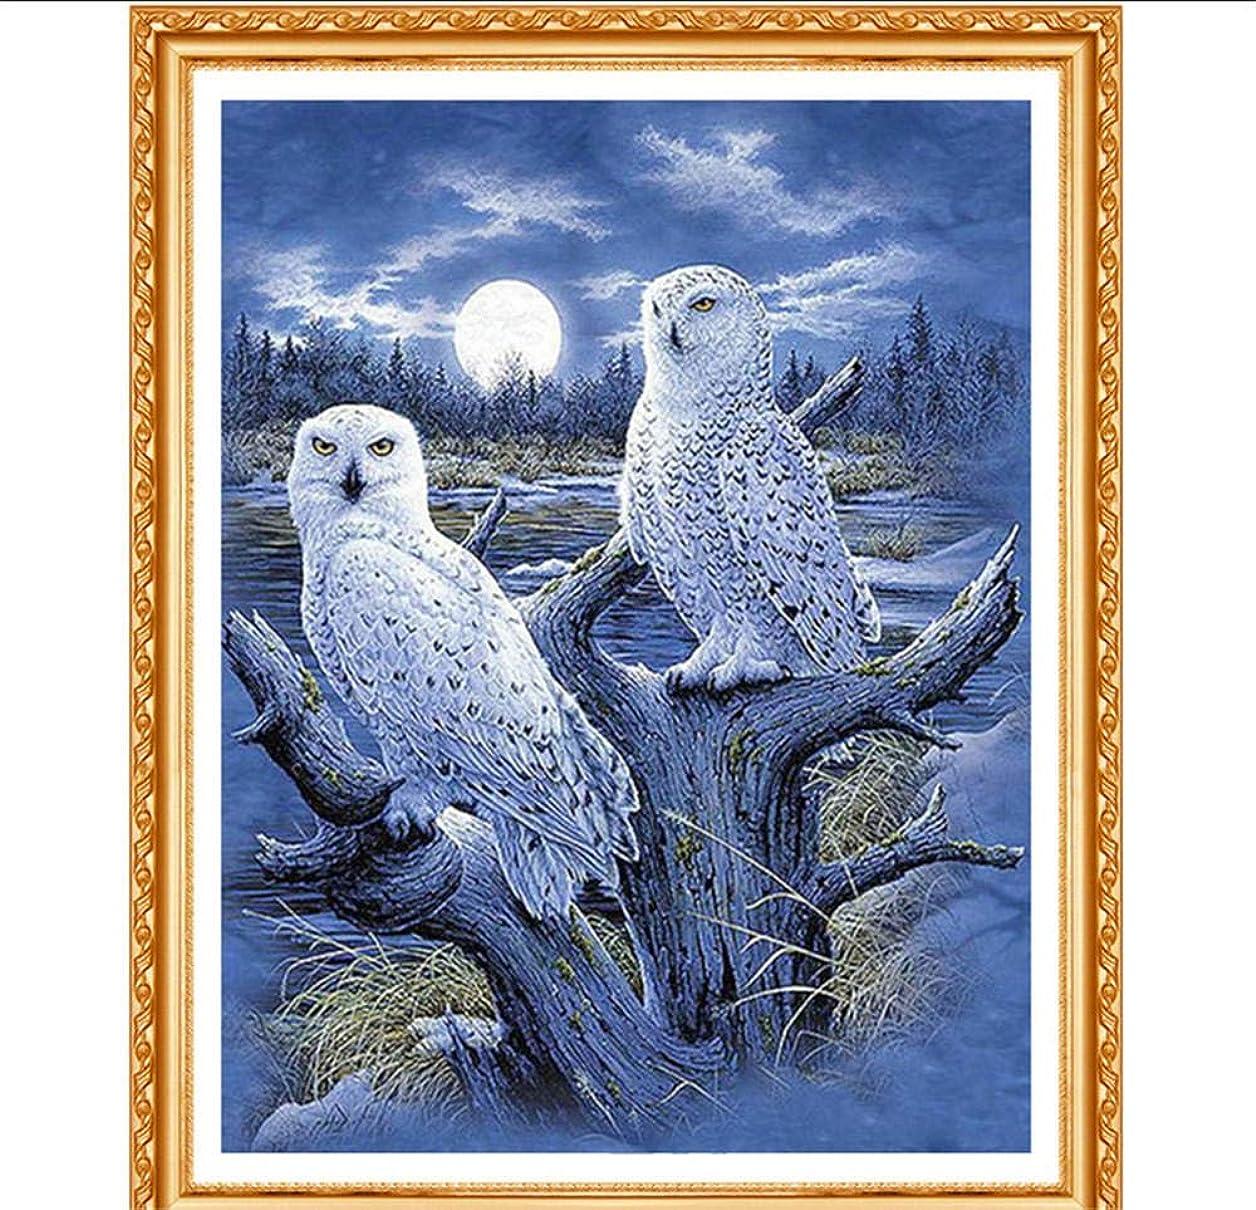 モザイク蛾によってダイヤモンドは完全スクエアダイヤモンド「白フクロウ」3D刺繍クロスステッチラインストーン5D DIY装飾30x40cm絵画